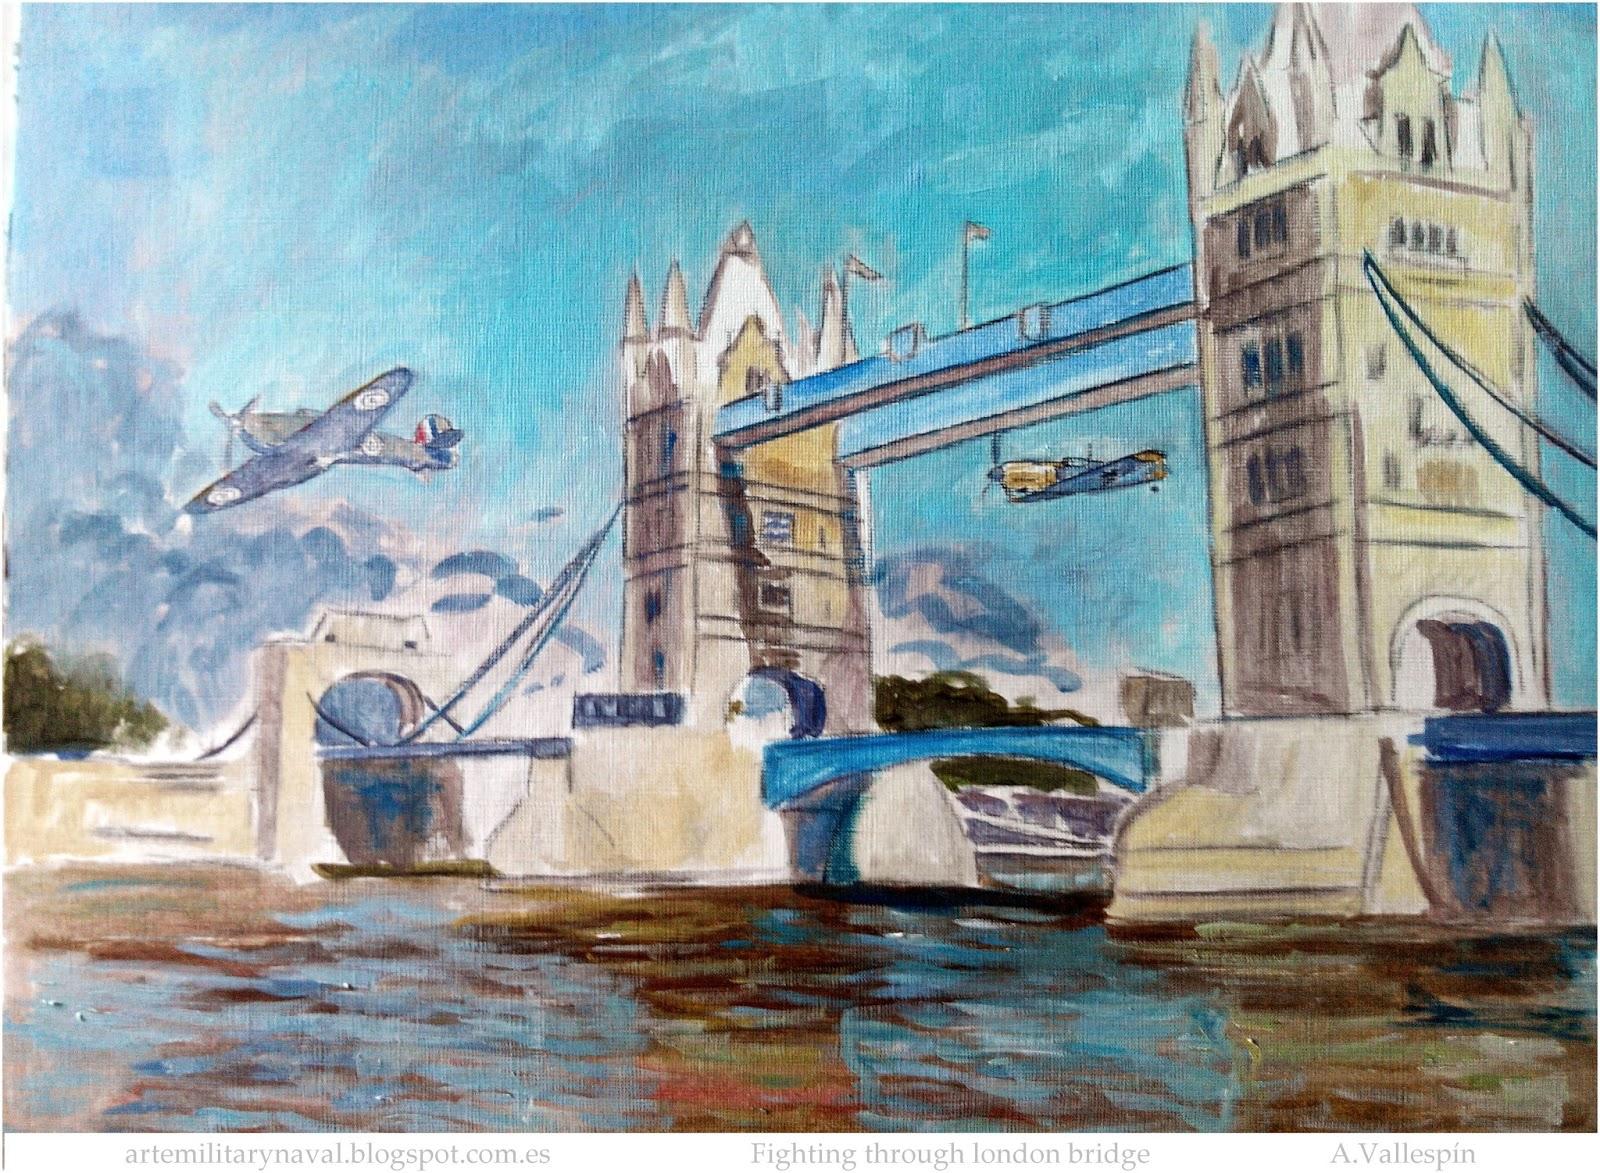 Pintura de Marseille y Alexander Hess en Combate a través del Puente de Londres